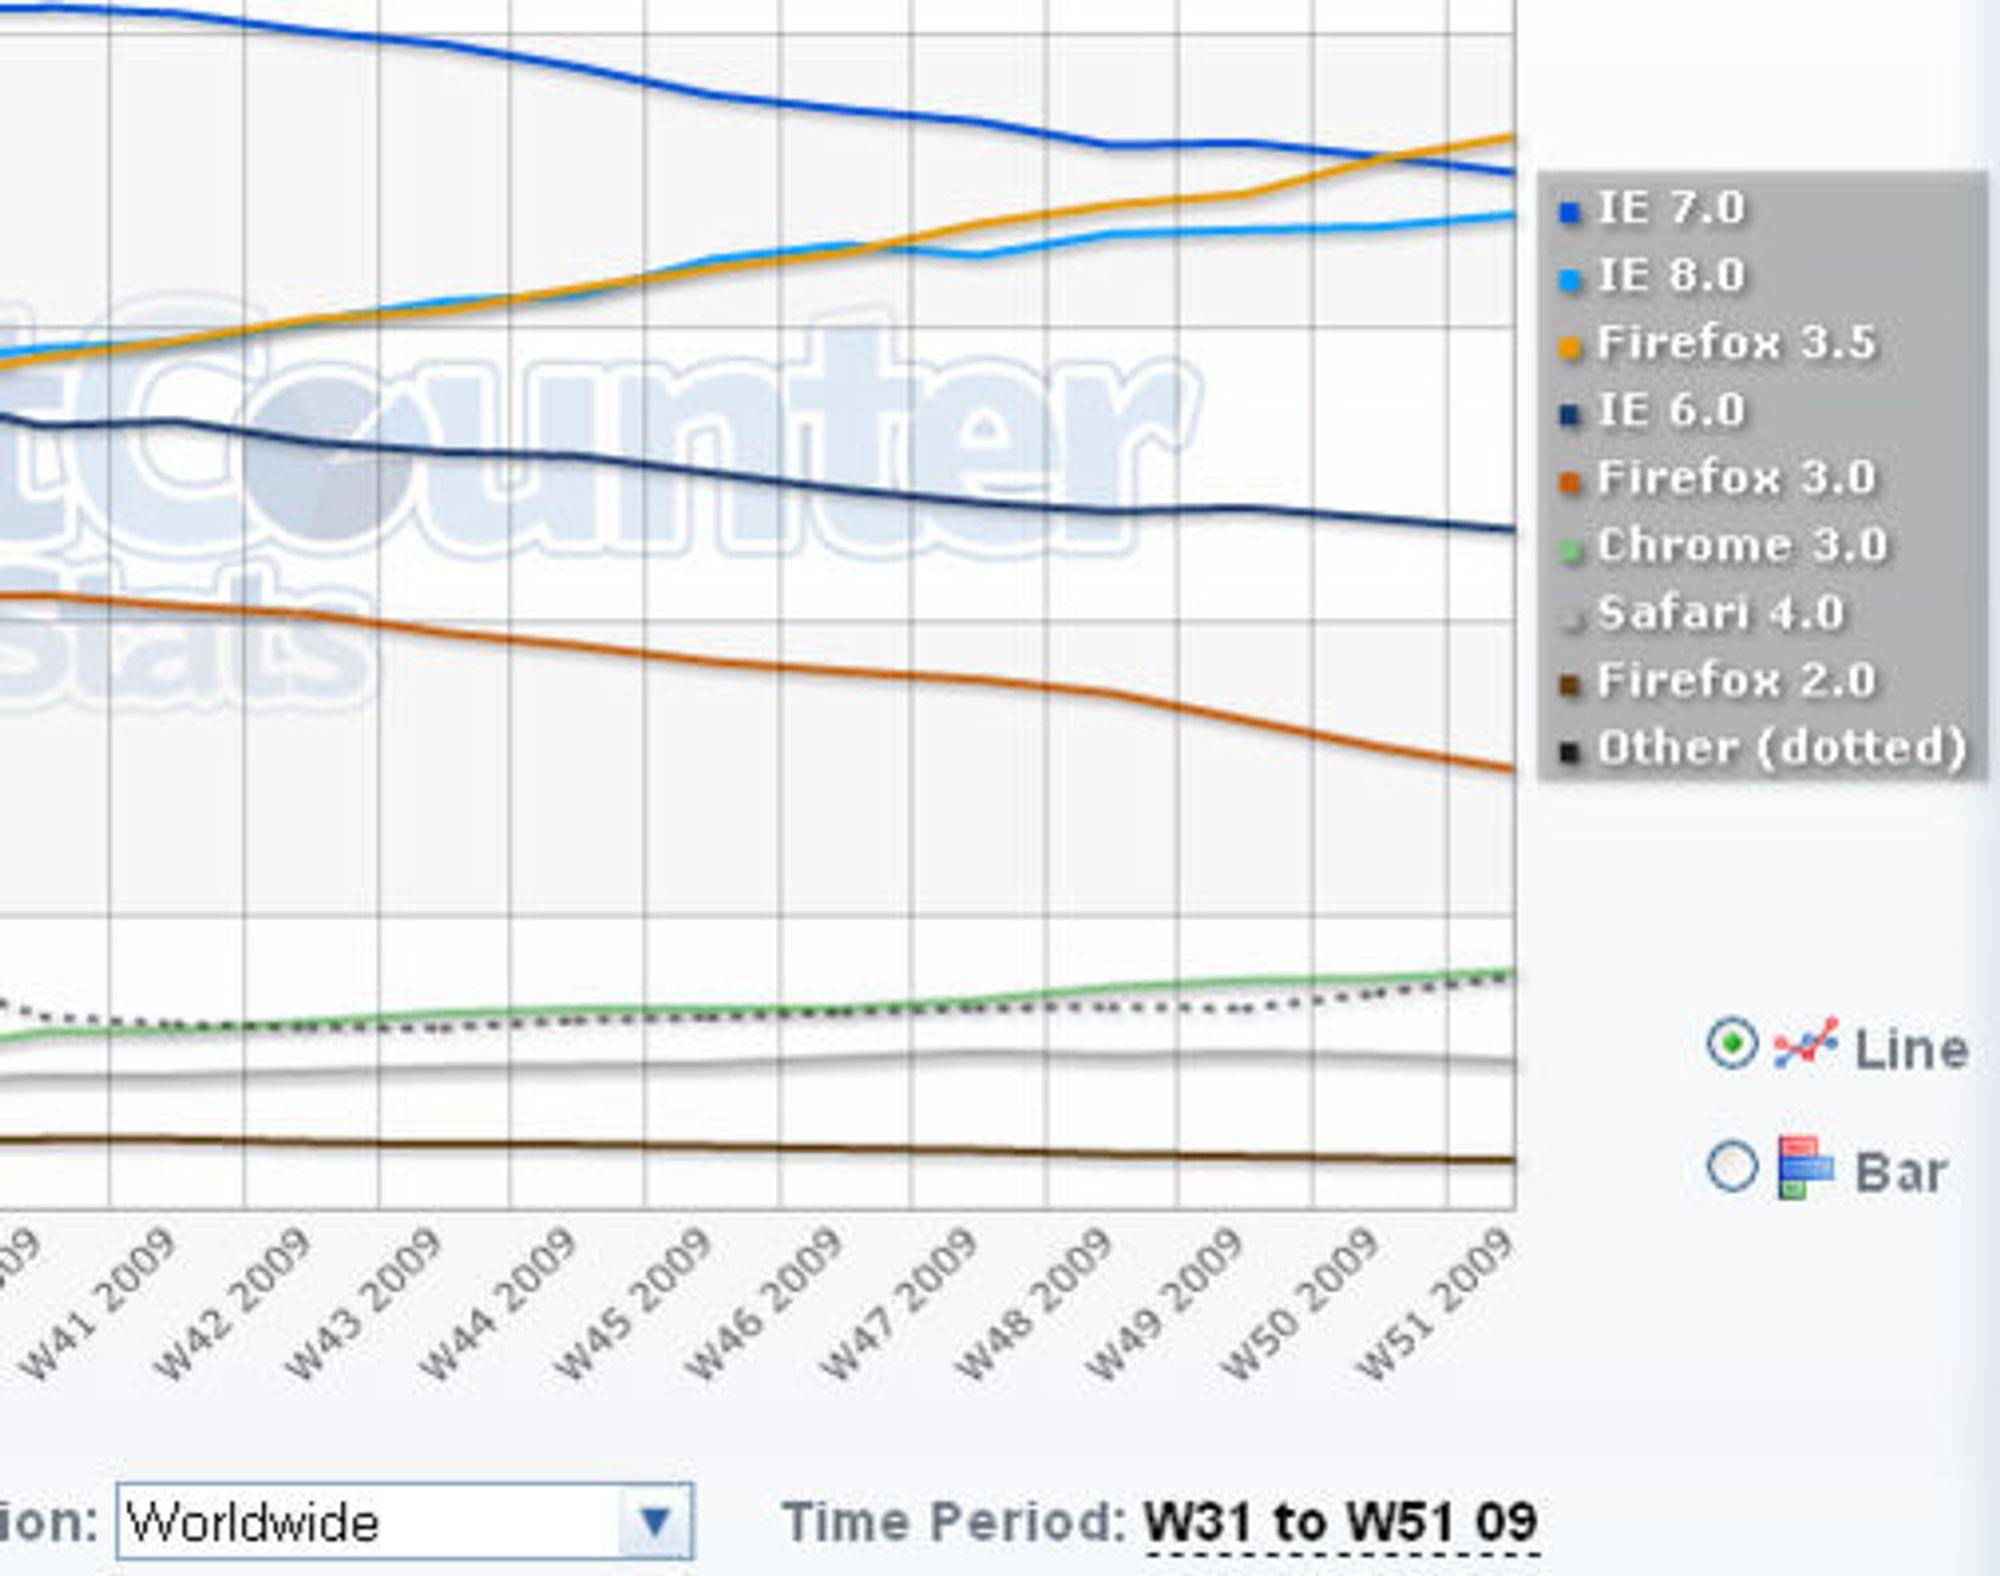 Nettleserandeler globalt i desember 2009 ifølge StatCounter